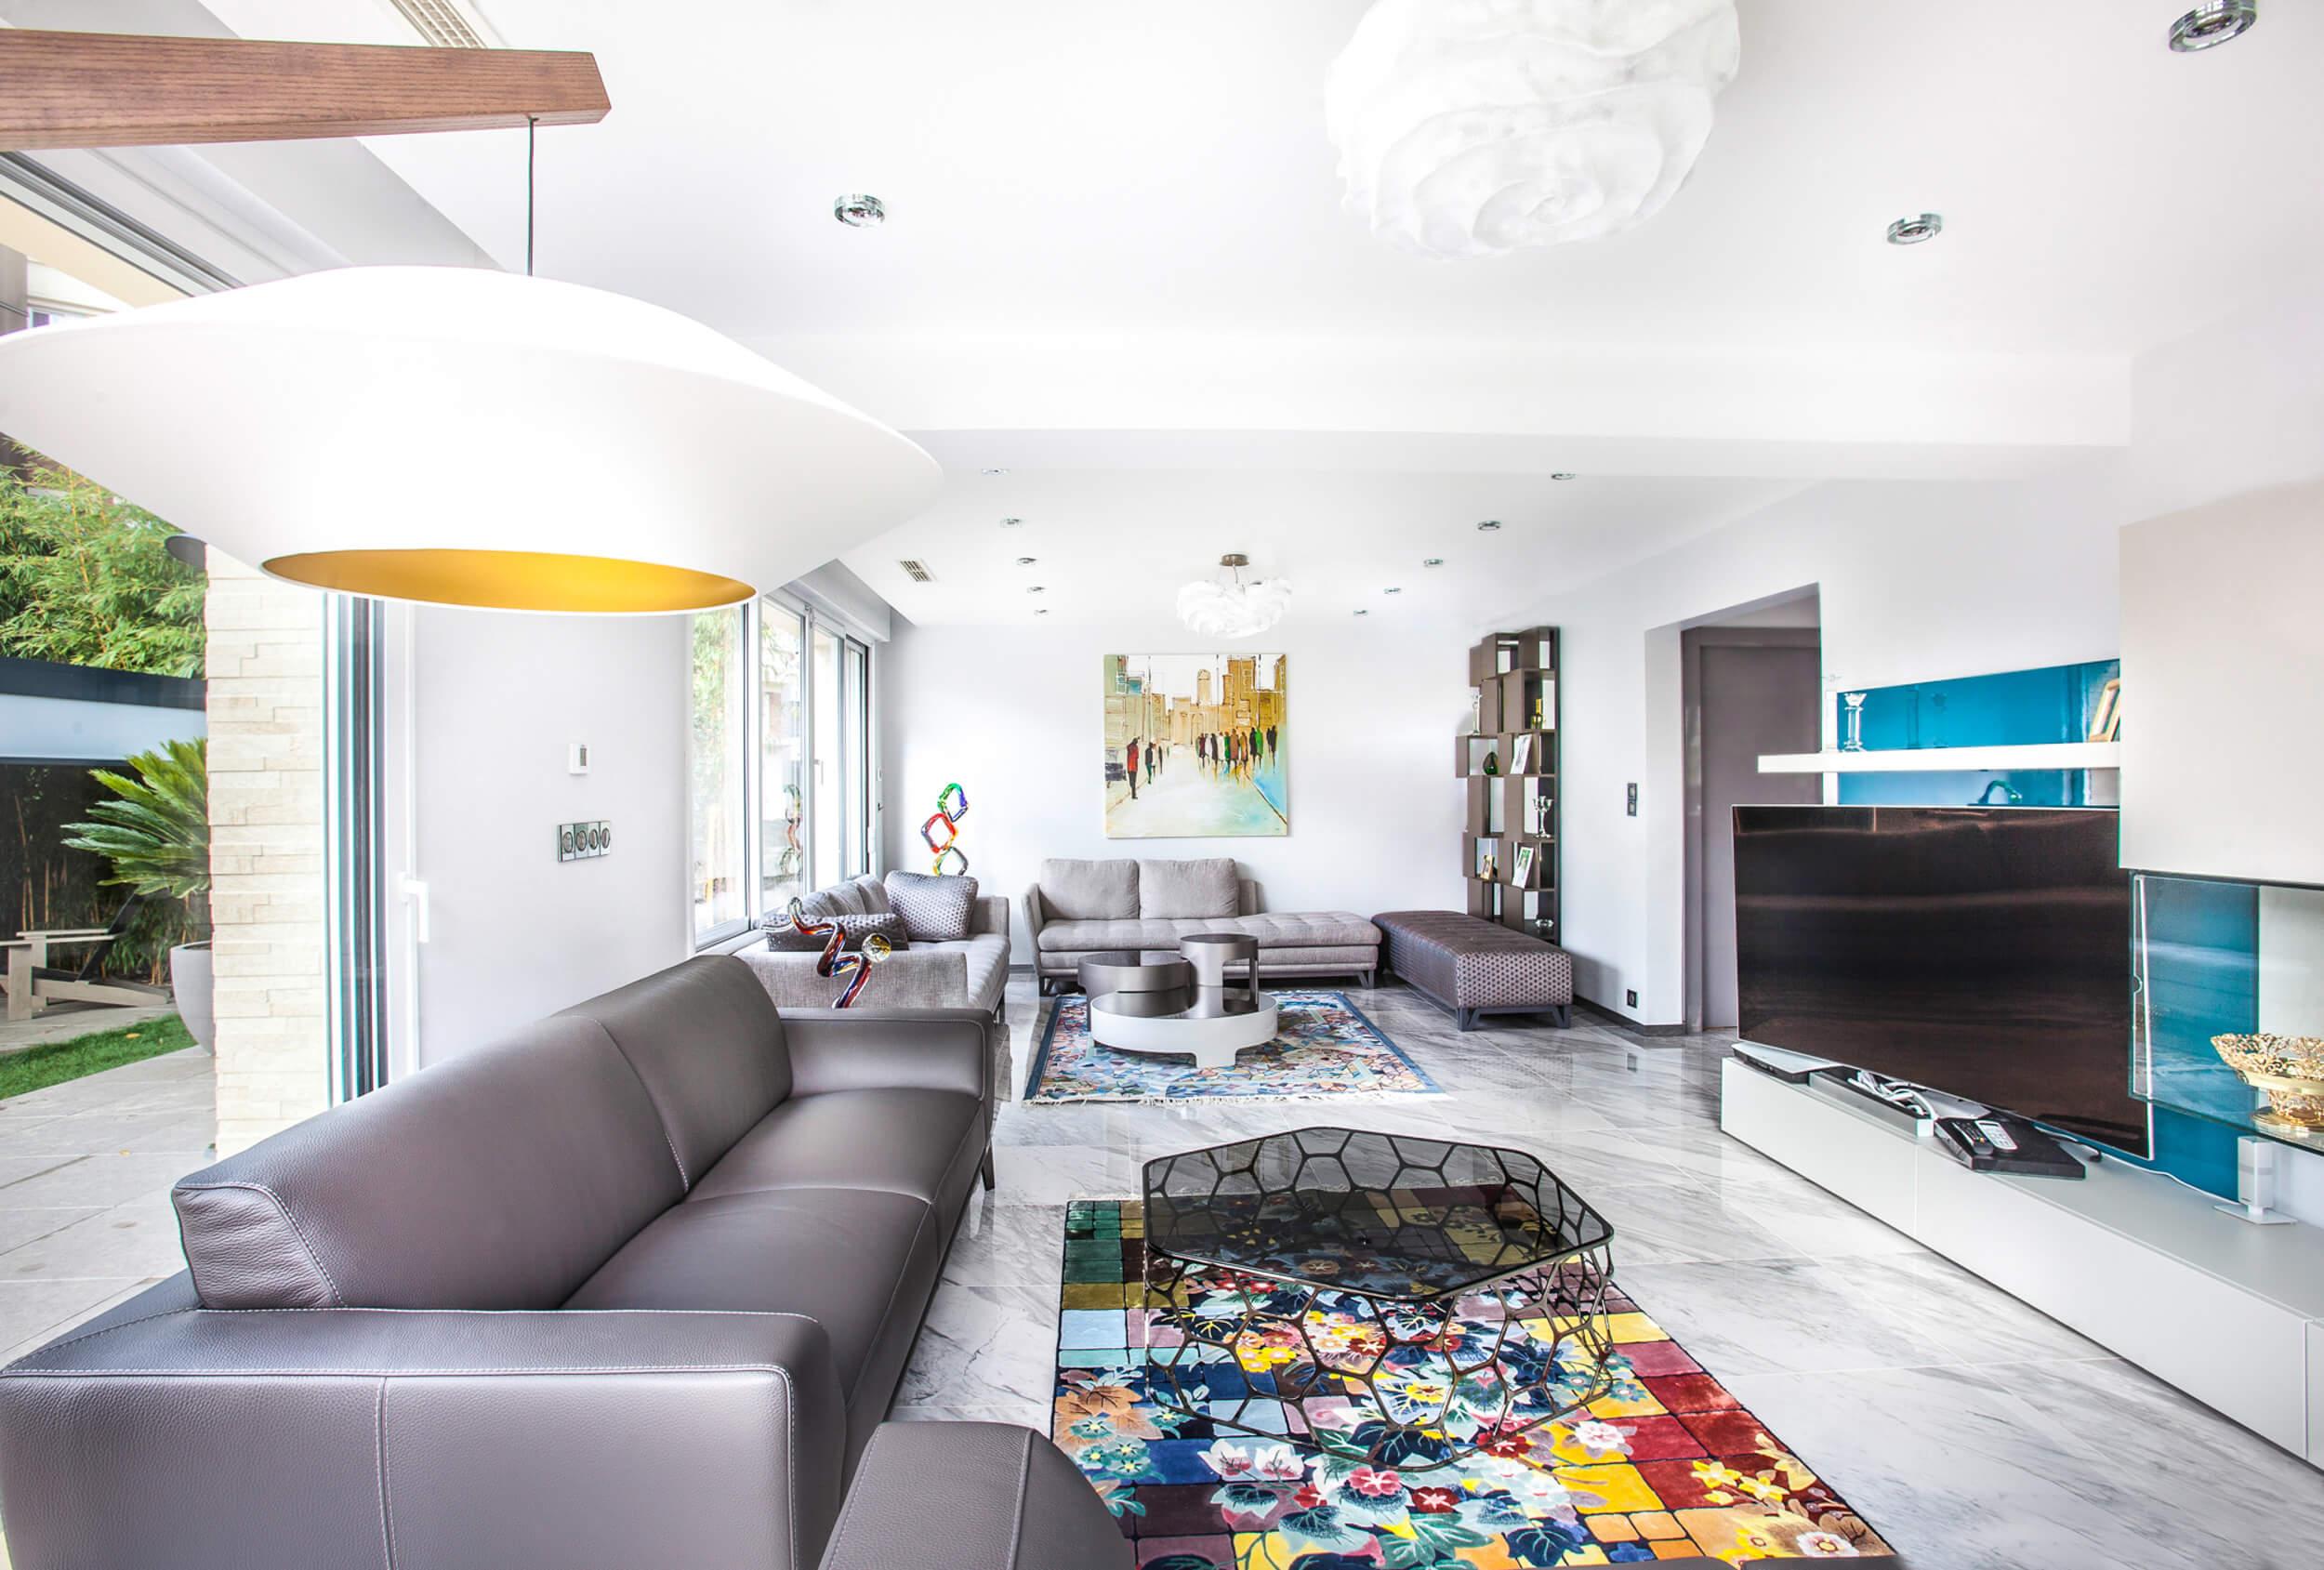 Salon de la maison de 300 mètres carrés à Colombes - travaux de construction et de décoration réalisés par Heliot